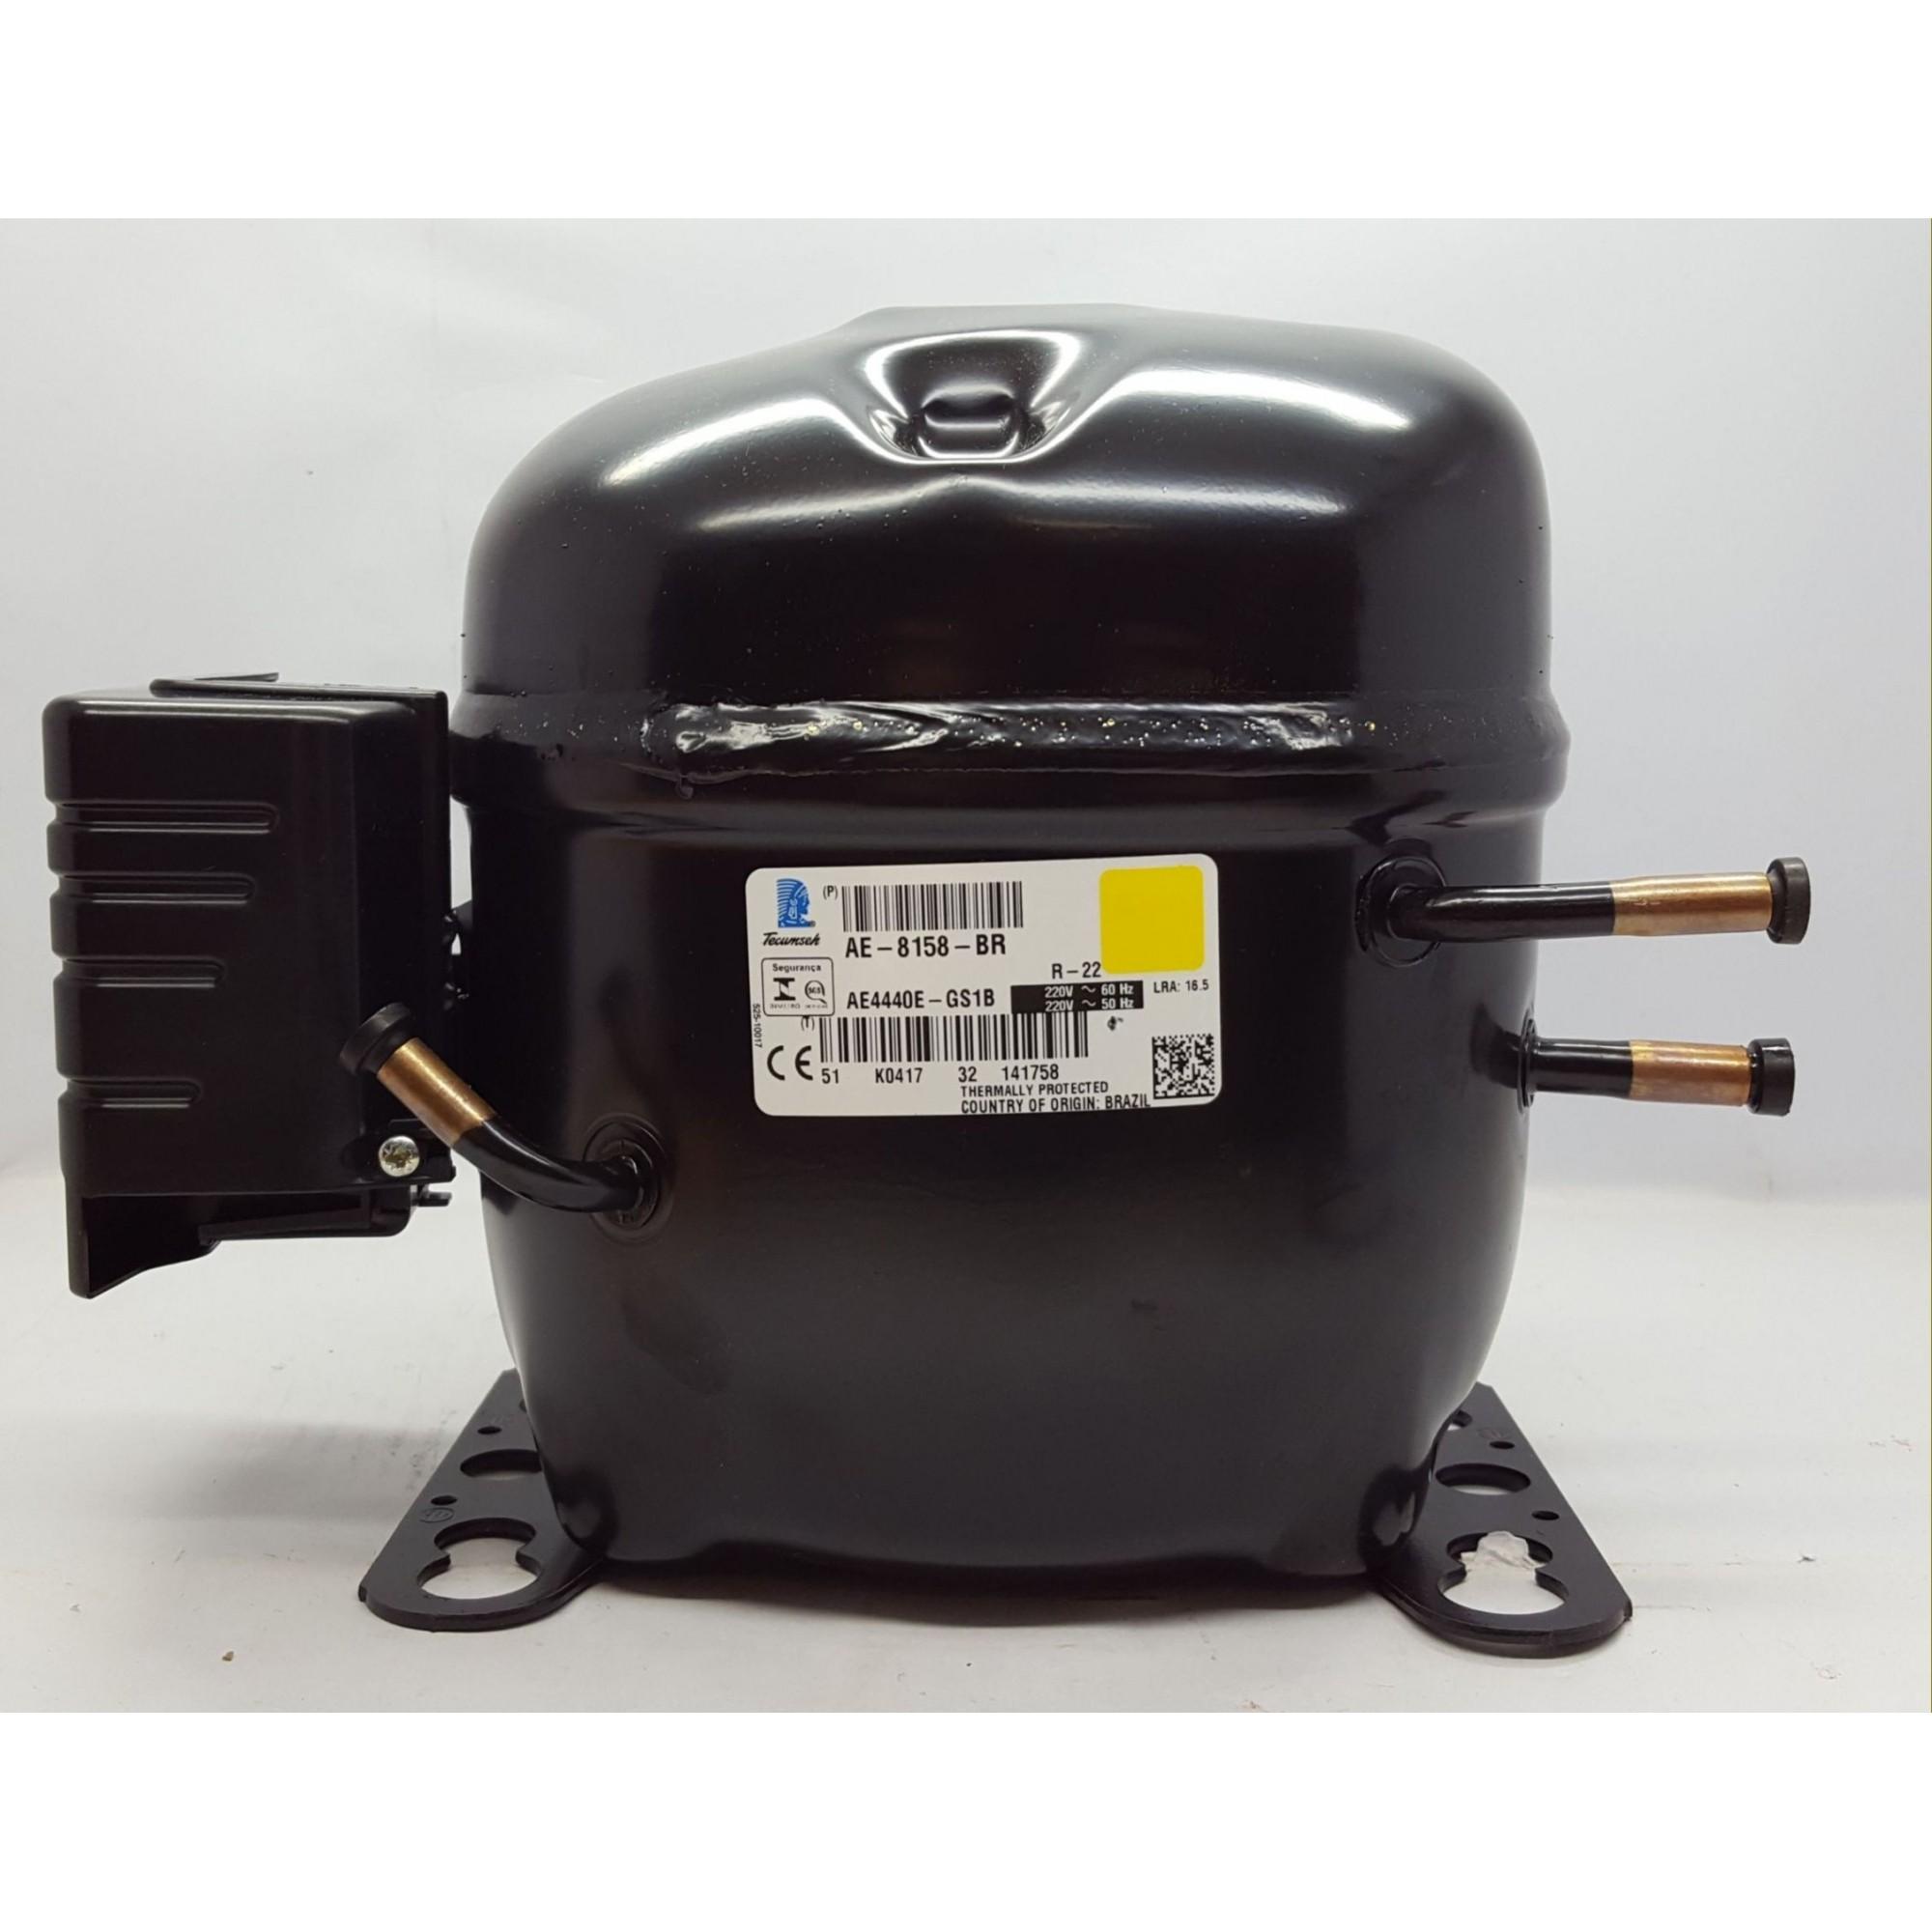 MOTOR COMPRESSOR TECUMSEH 1/3 HP - AE4440E-GS1B - R-22 (220v)